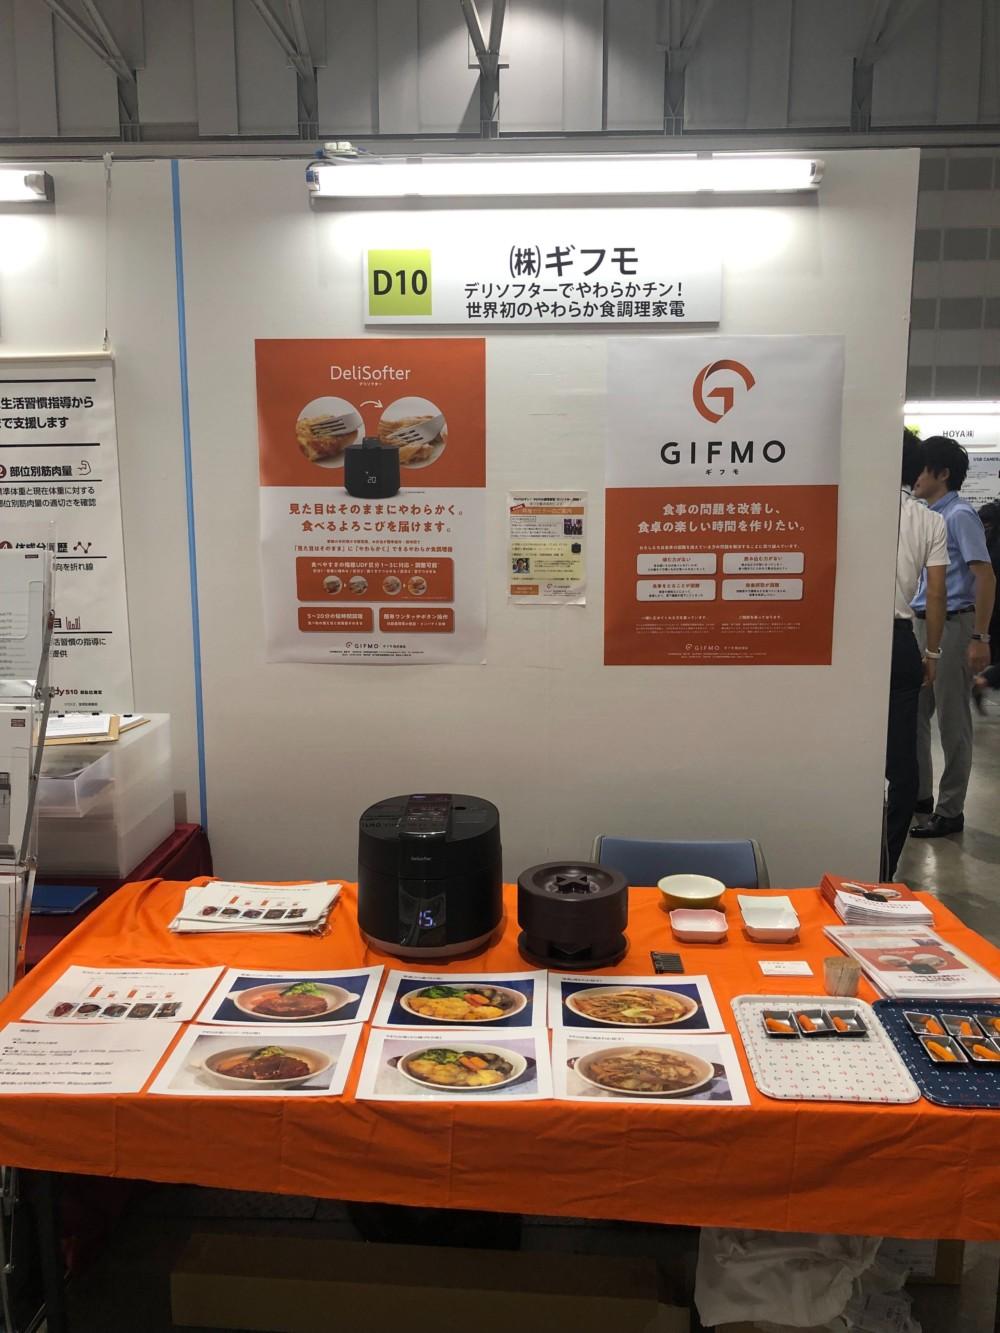 第25回 日本摂食嚥下リハビリステーション学会学術大会共催セミナー開催及びブース出展